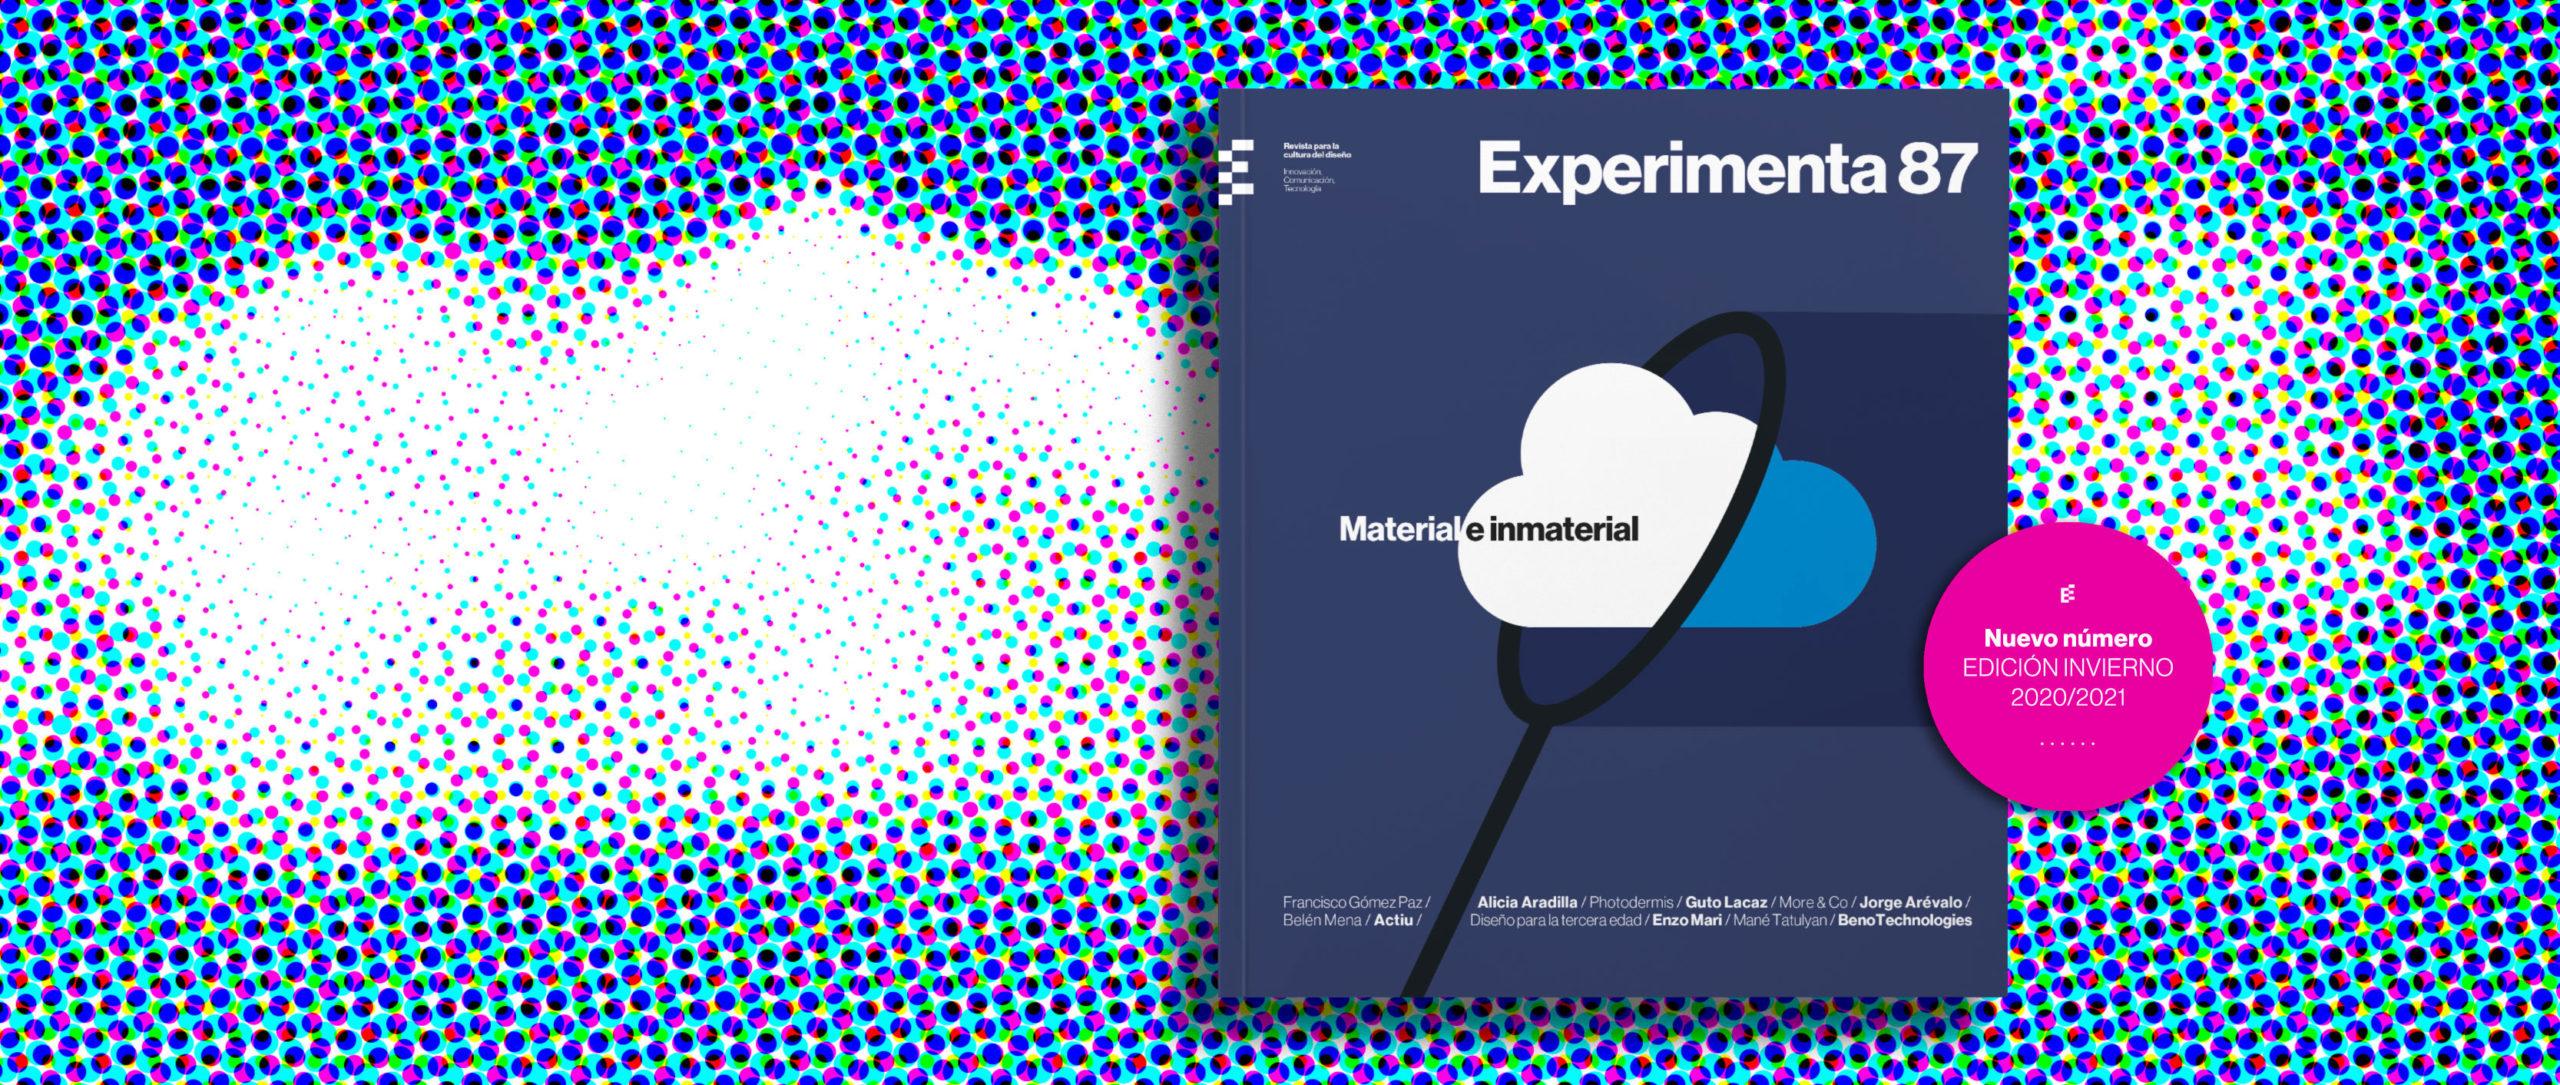 SLIDER-PRINCIPAL-EXP87-2